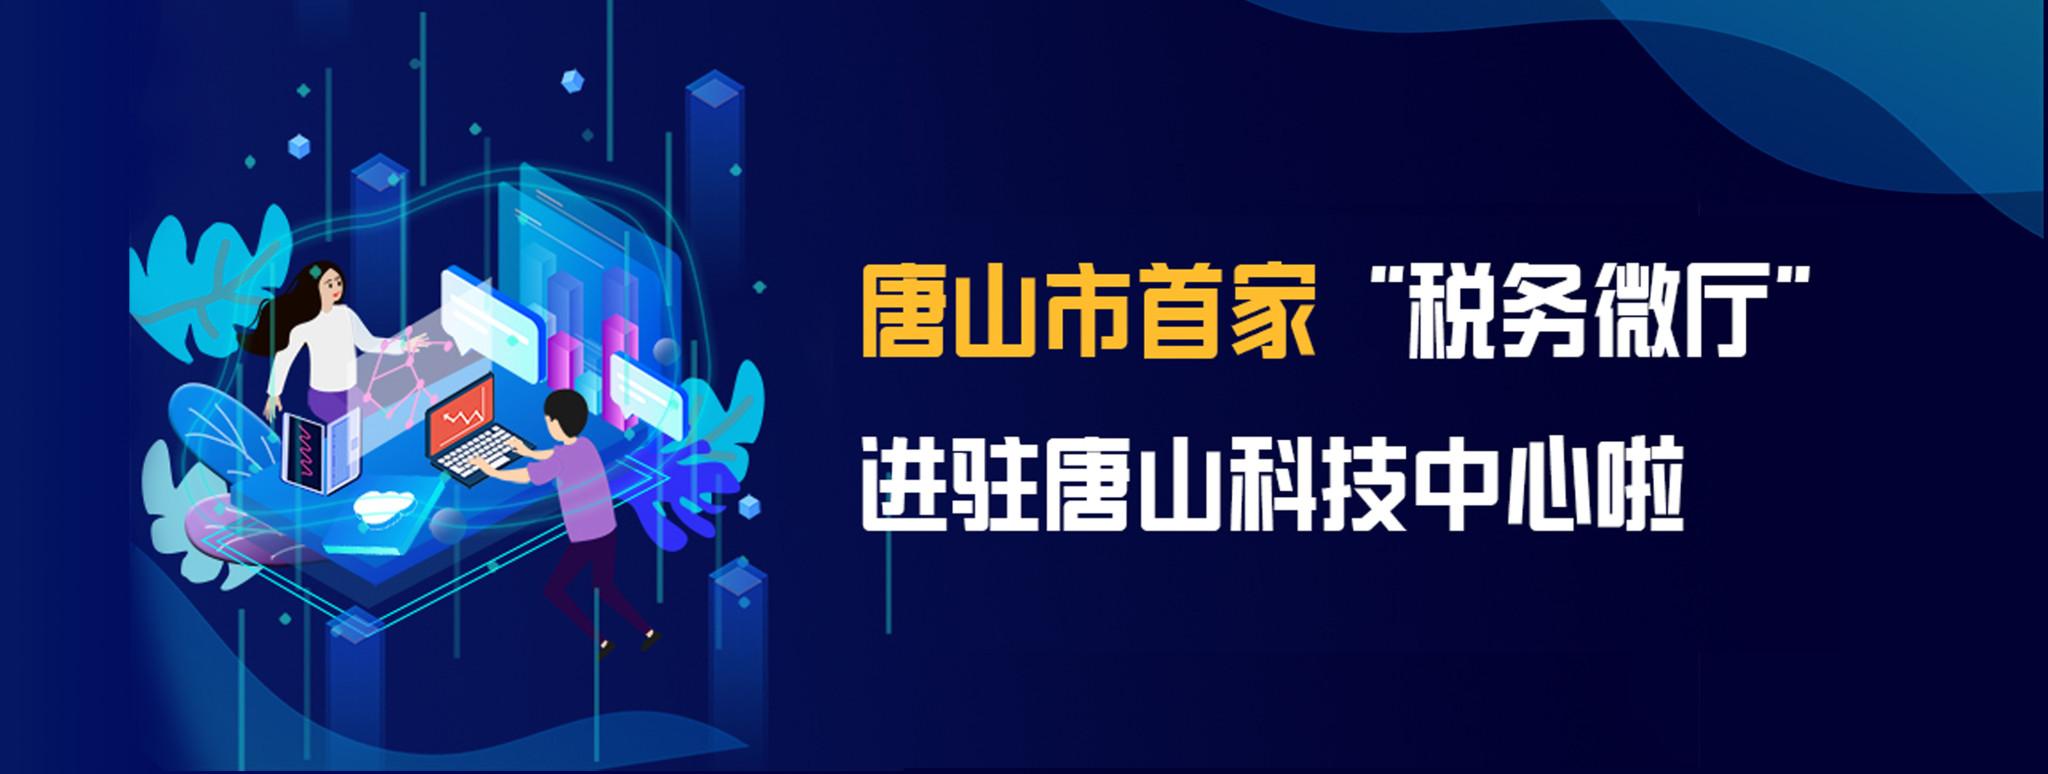 雙創升級-科技中心網站首圖